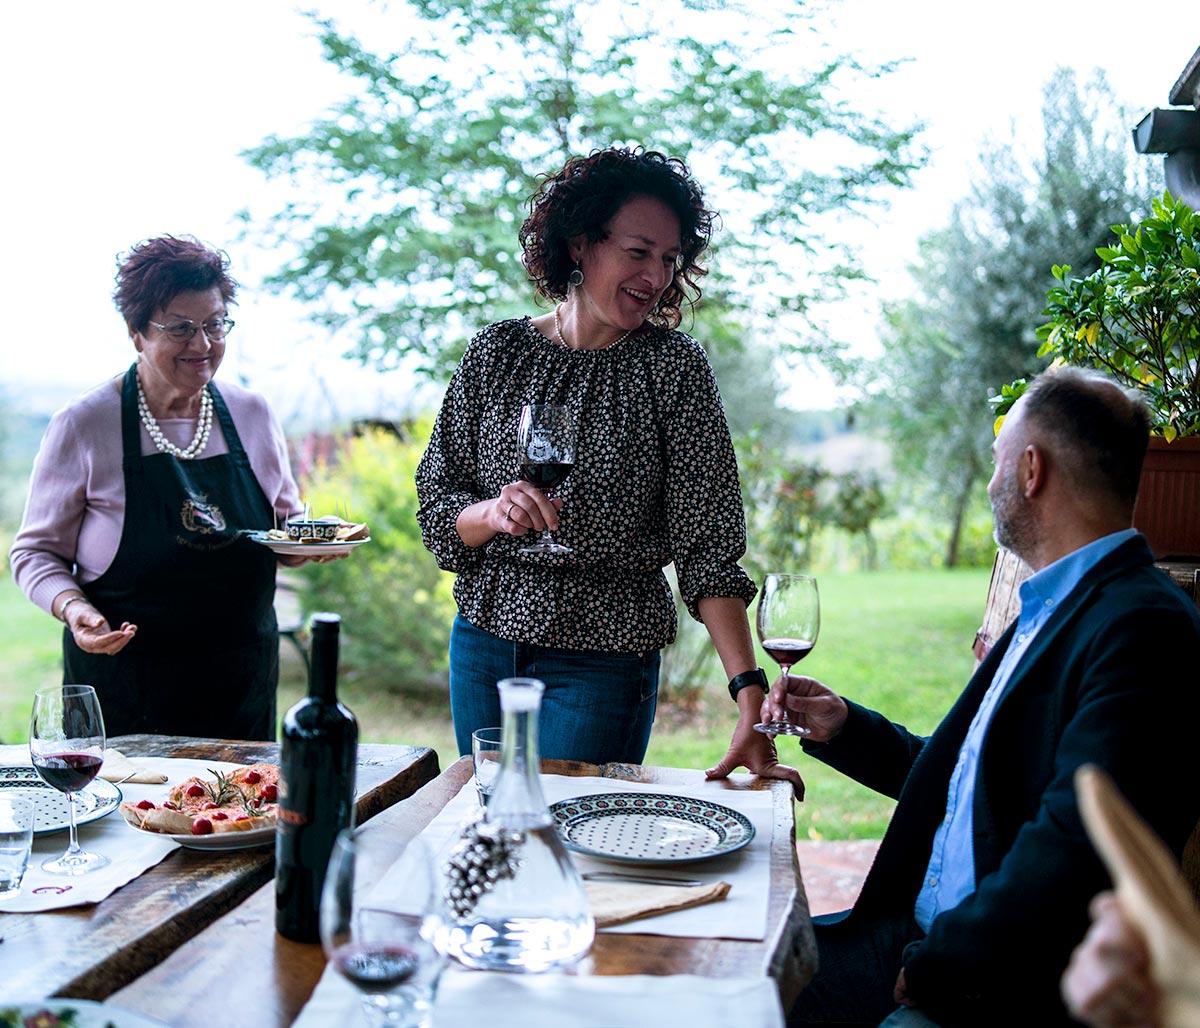 Wine Tasting and Tuscan food